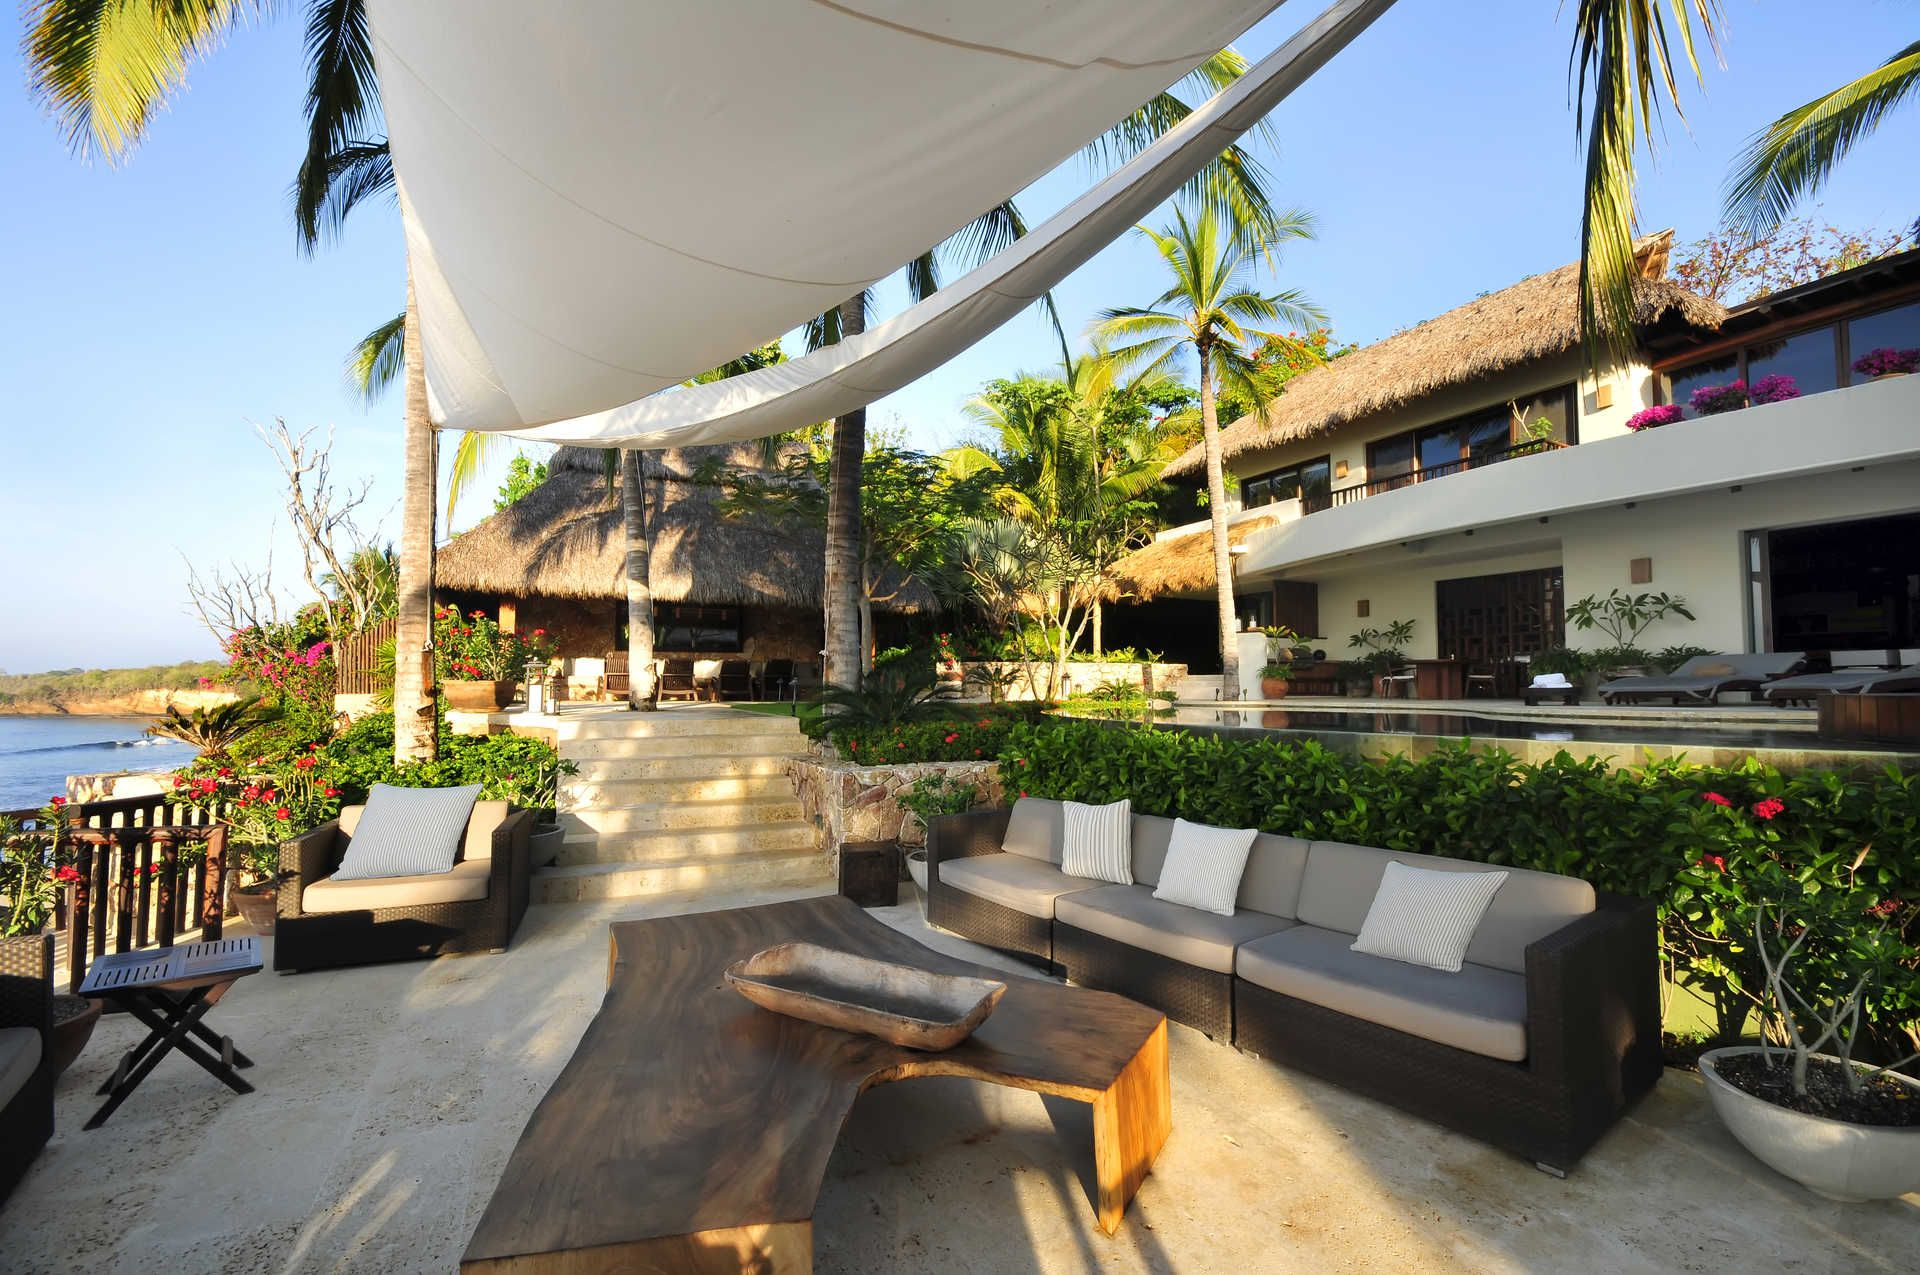 Villa Amanecer Punta De Mita Outdoor Lounge 10 Person Dining Table Villa